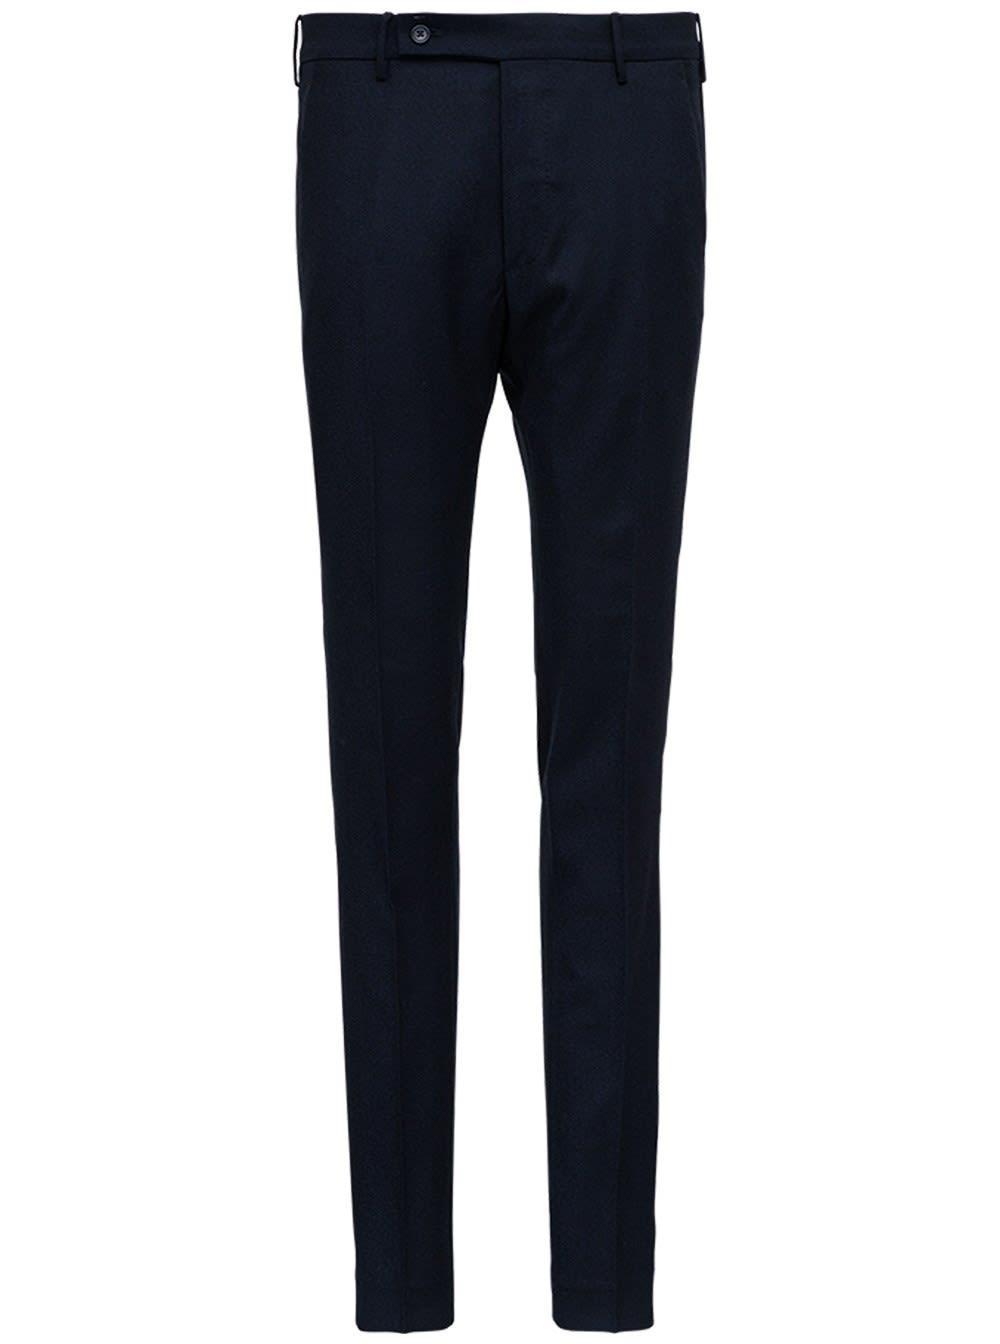 Blue Flannel Pants